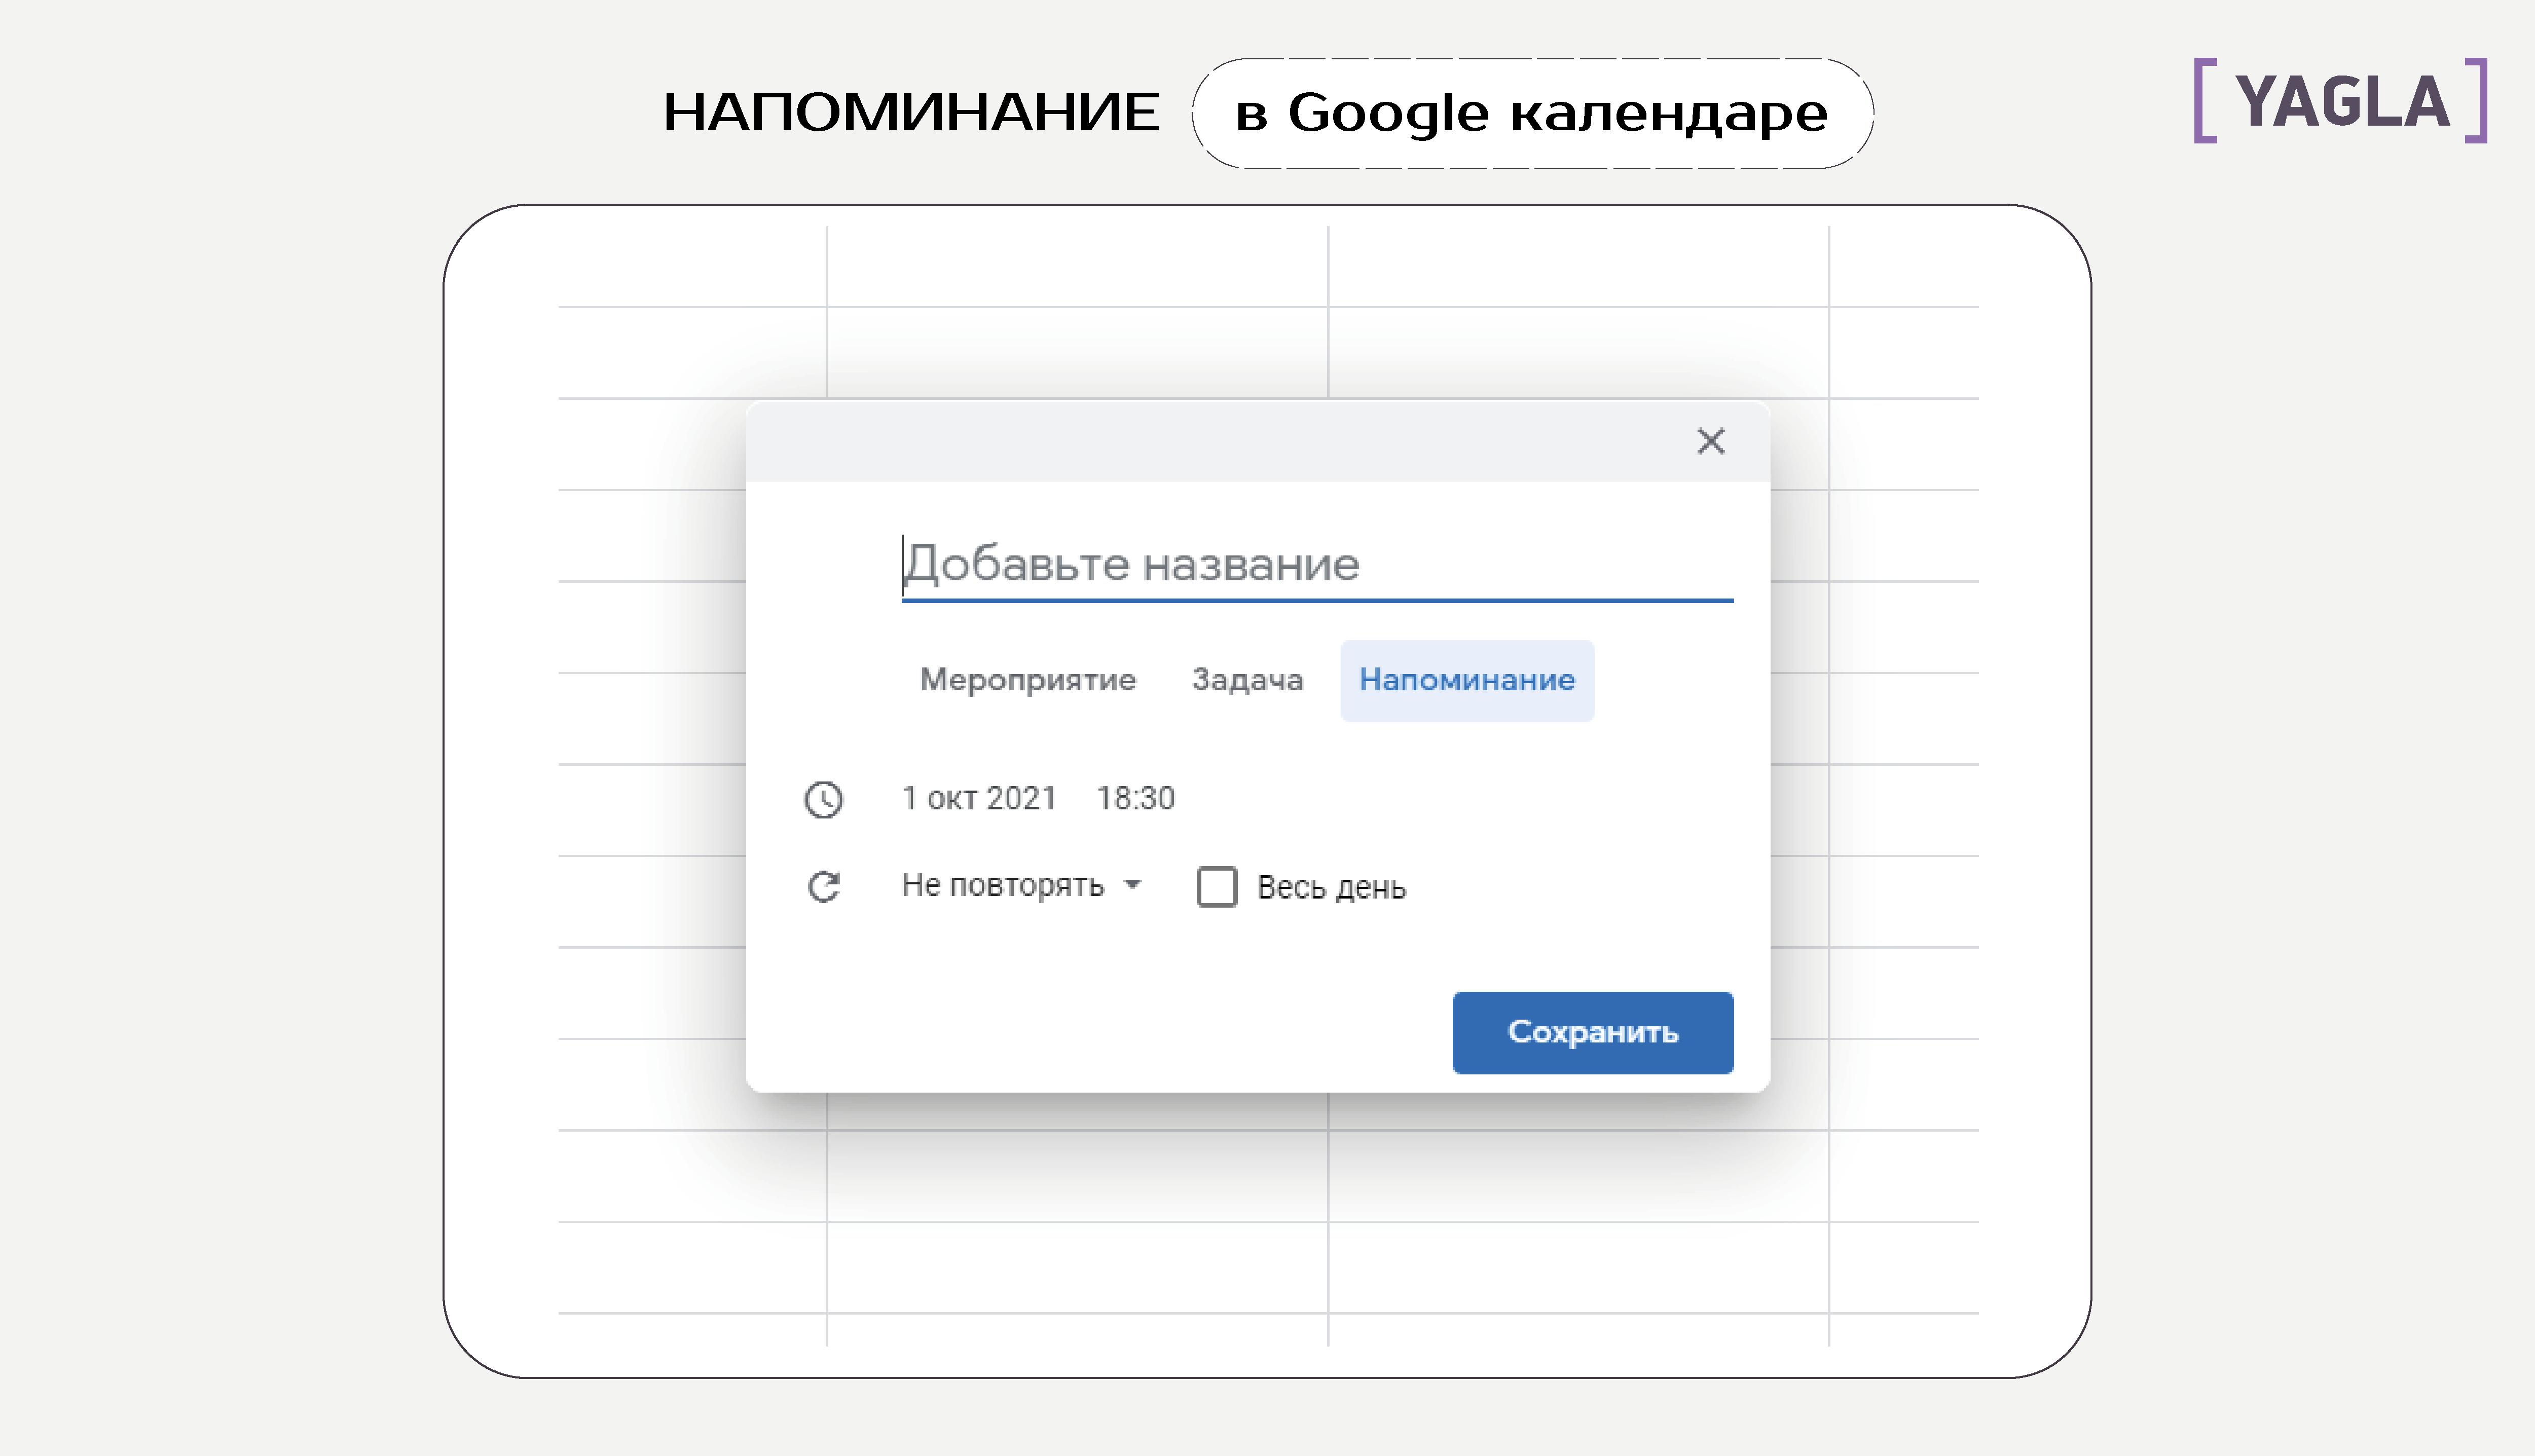 Напоминание в Google календаре